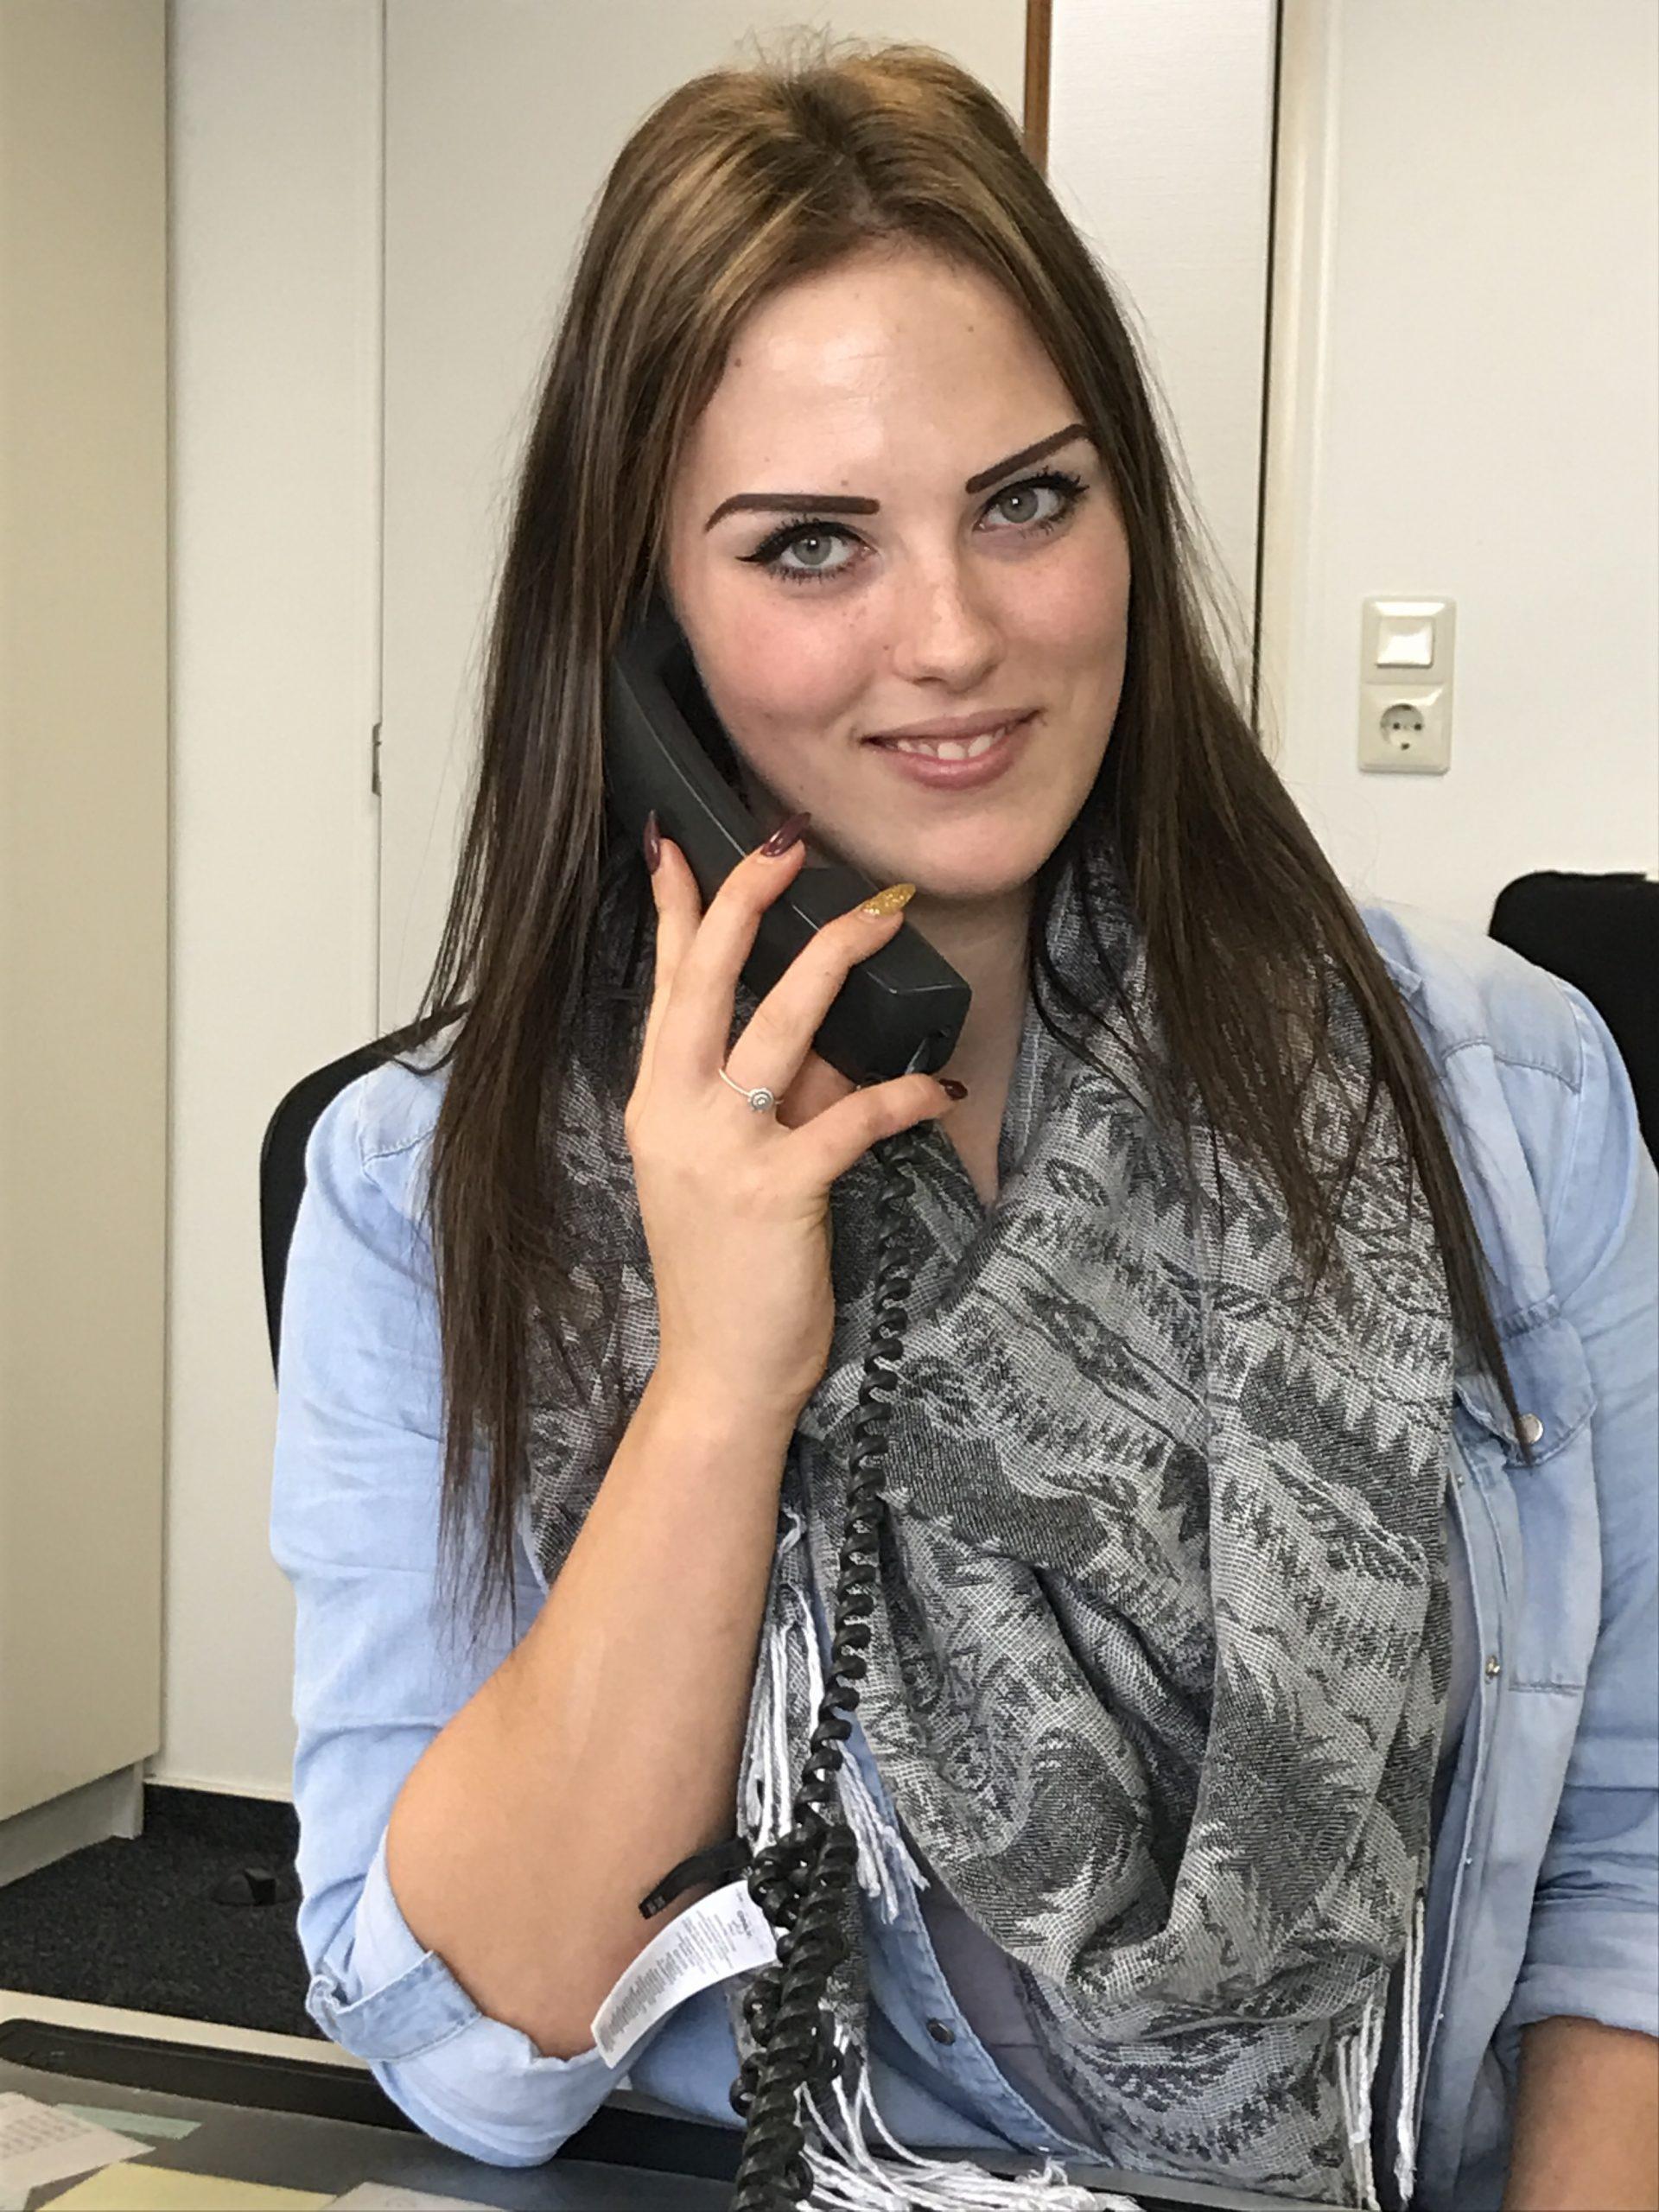 Janin Bosecker